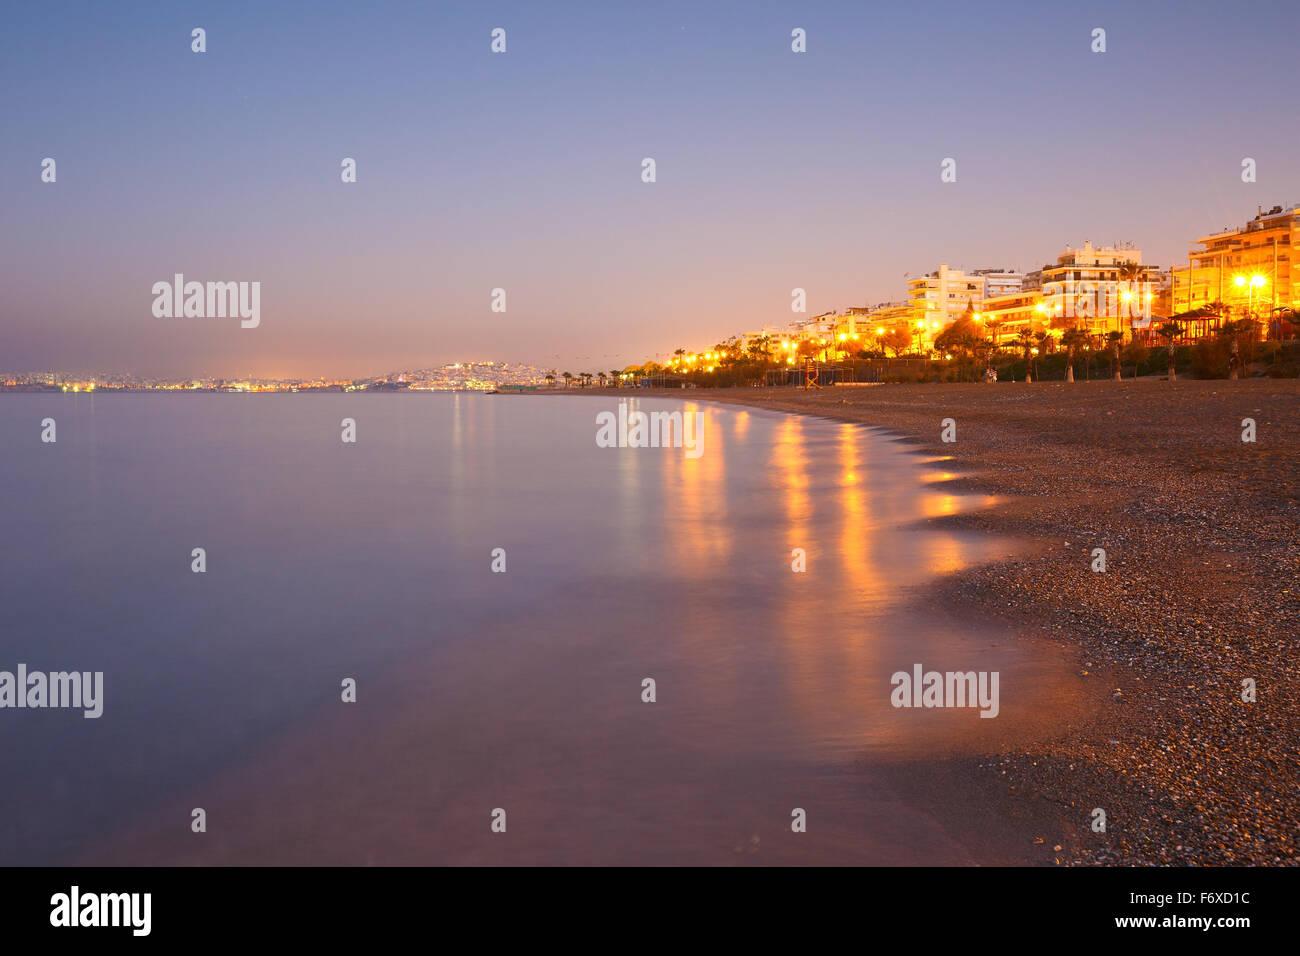 Plage de Palaio Faliro et le front de mer d'Athènes, Grèce. Photo Stock